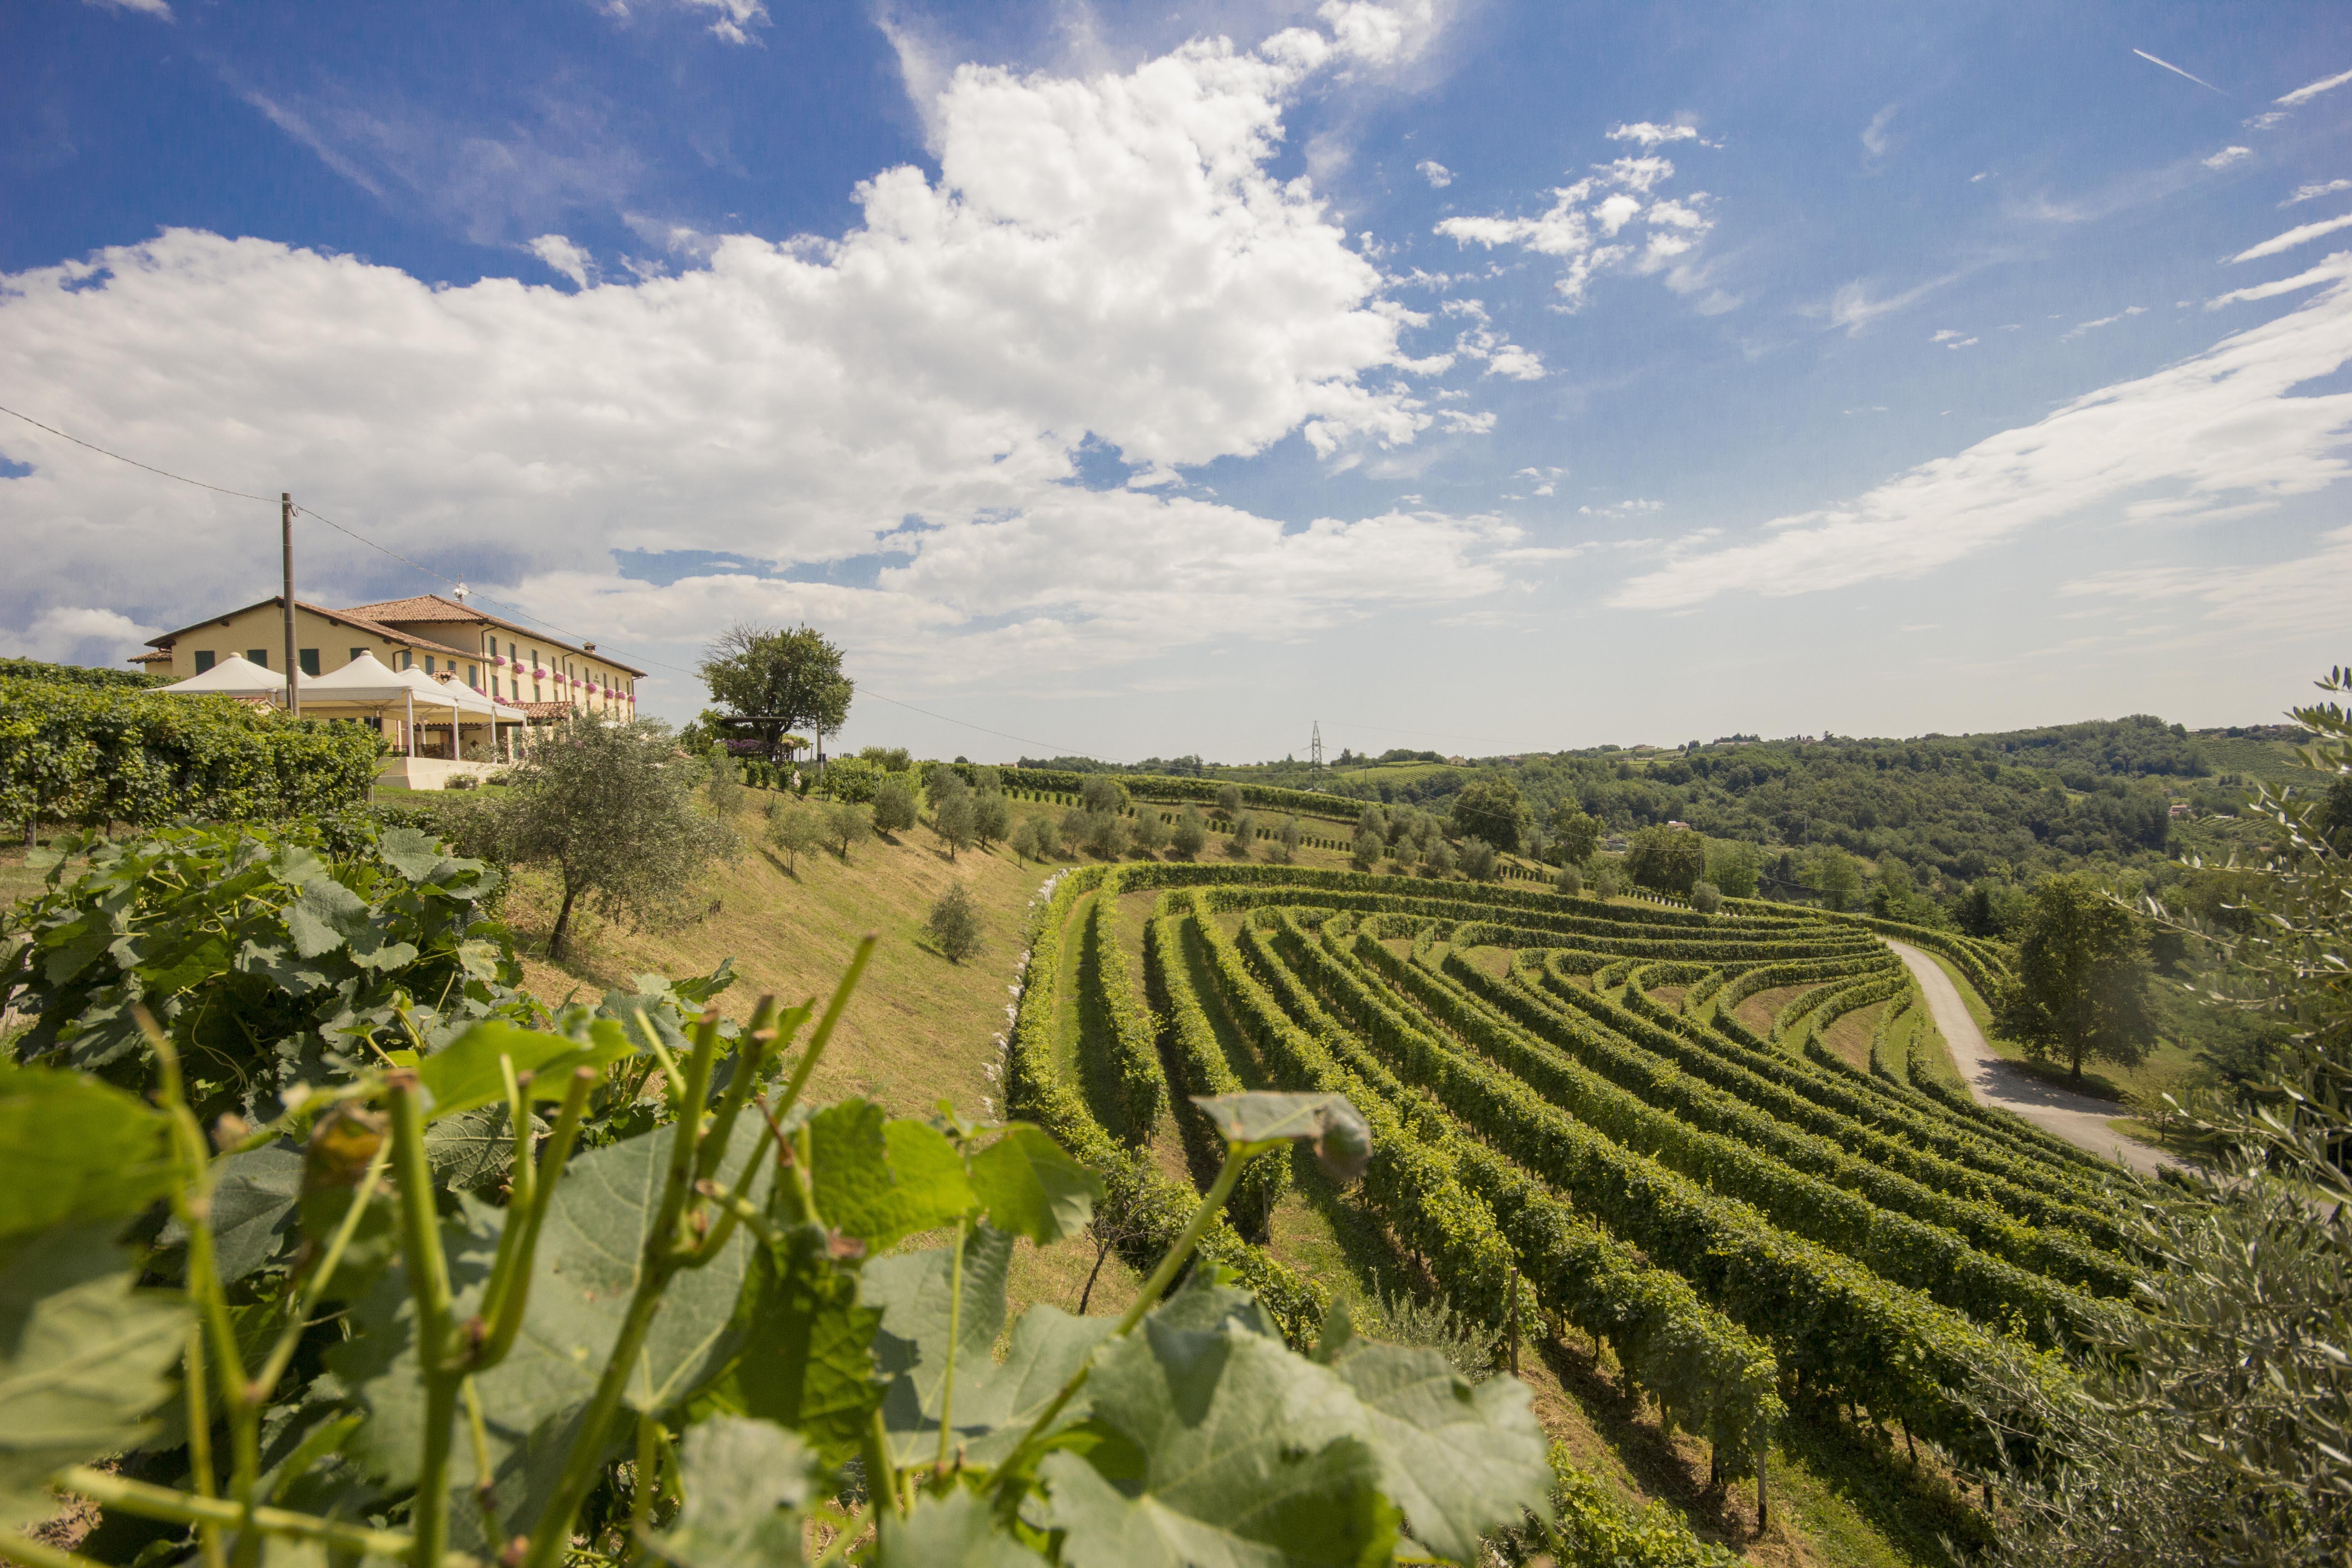 Astoria Vini Prosecco.it — Conegliano Valdobbiadene DOCG